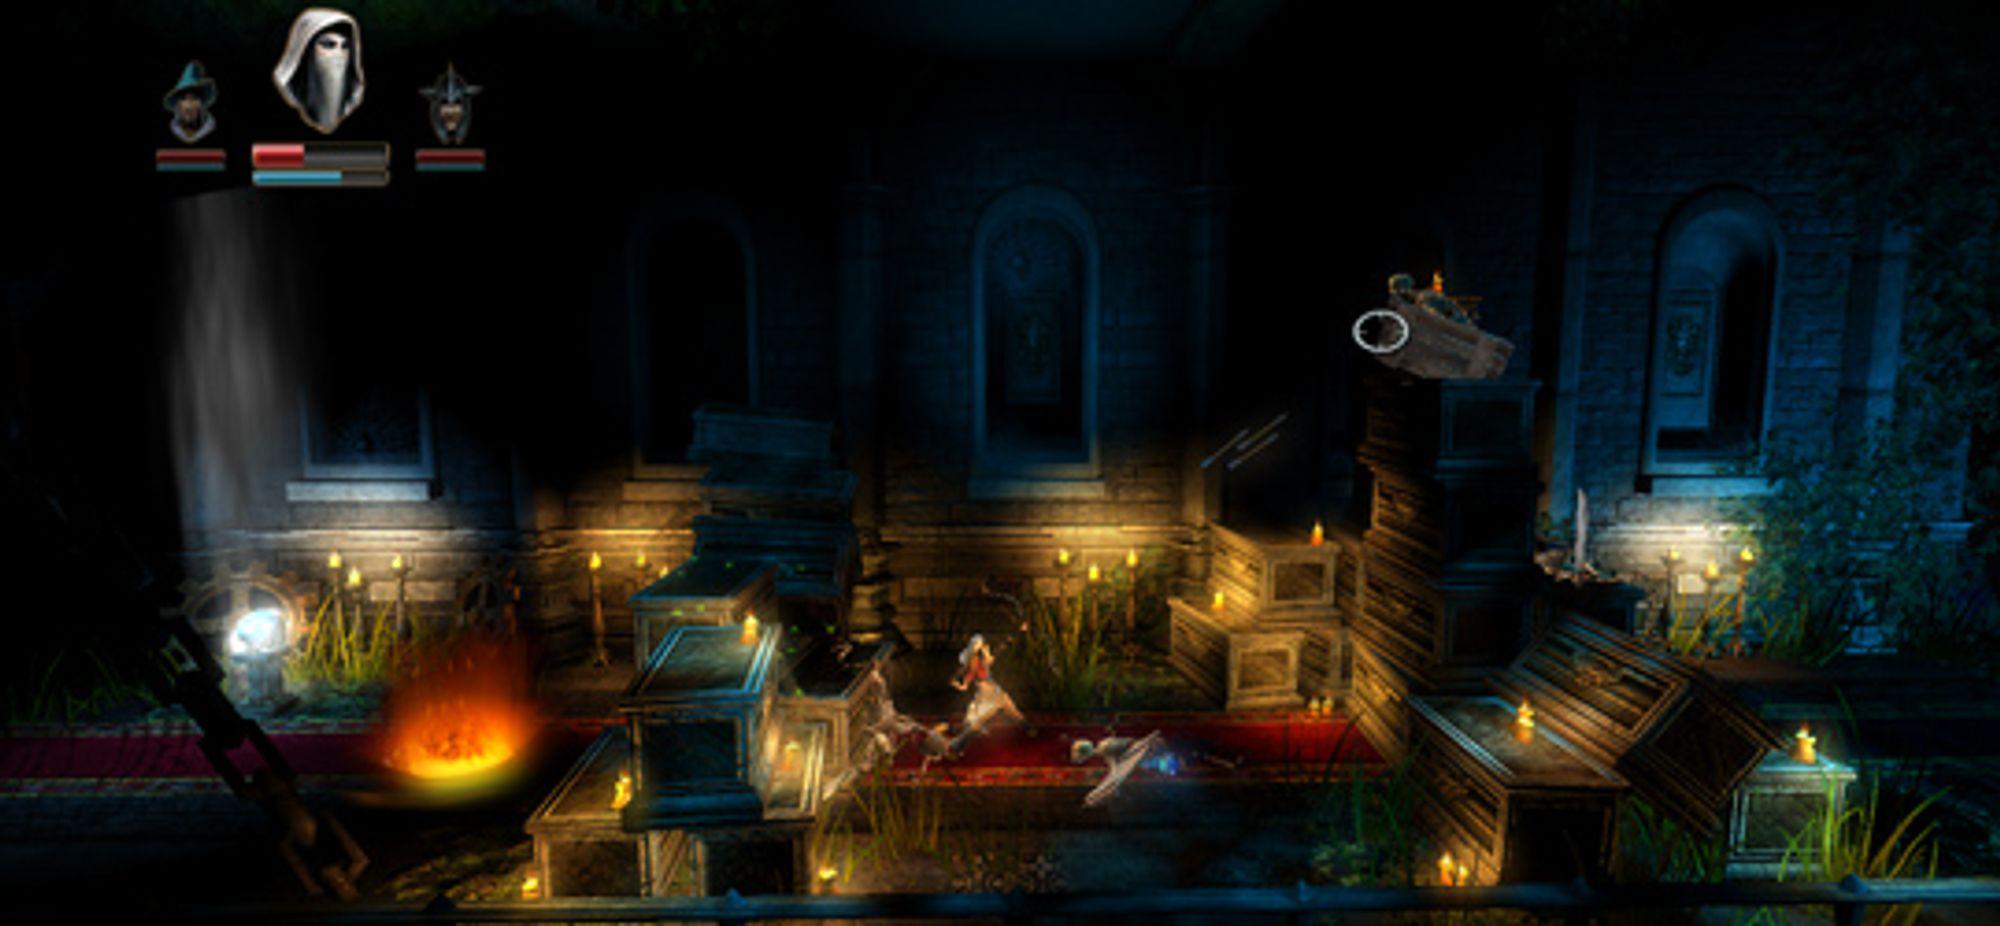 Den forglemmelige historien går ut på at de døde har gjenoppstått. Dermed er 98% av alle fiendene i spillet skjeletter.